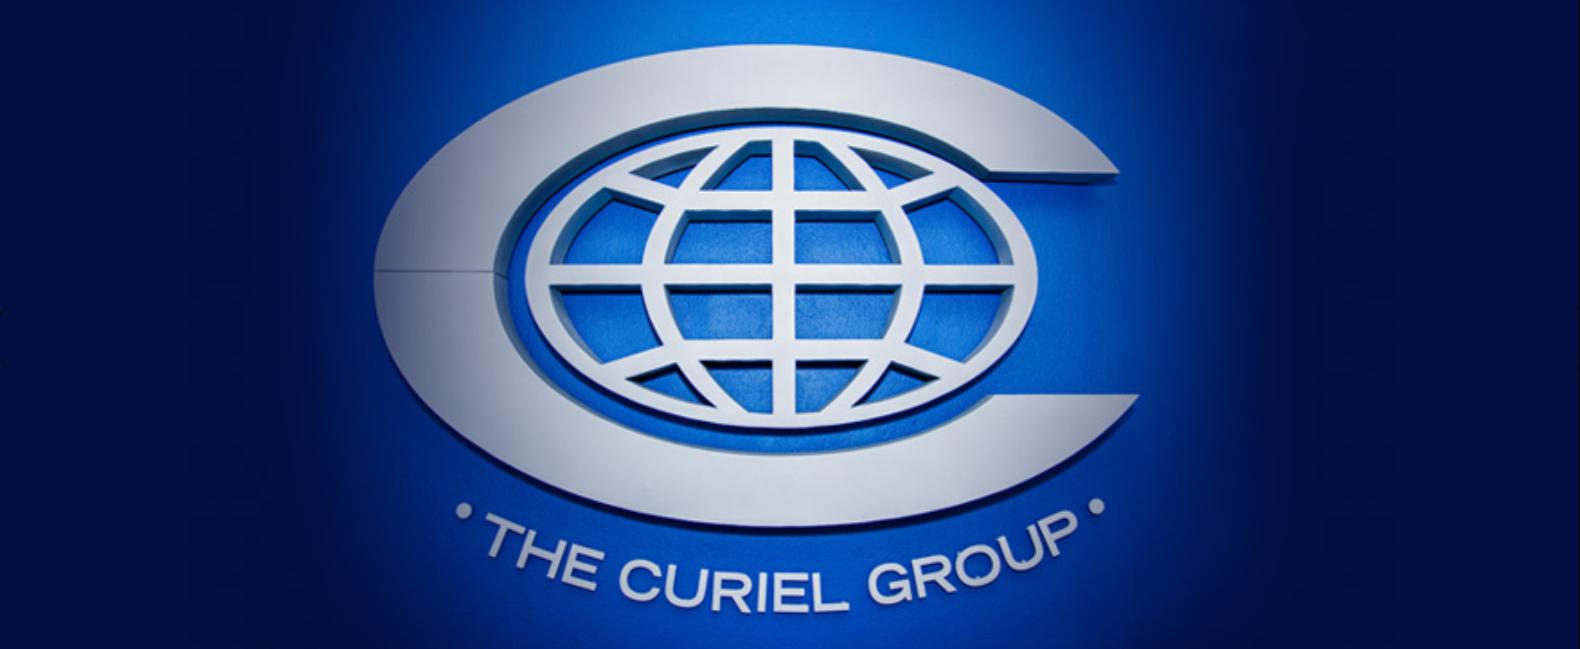 curiel group logo